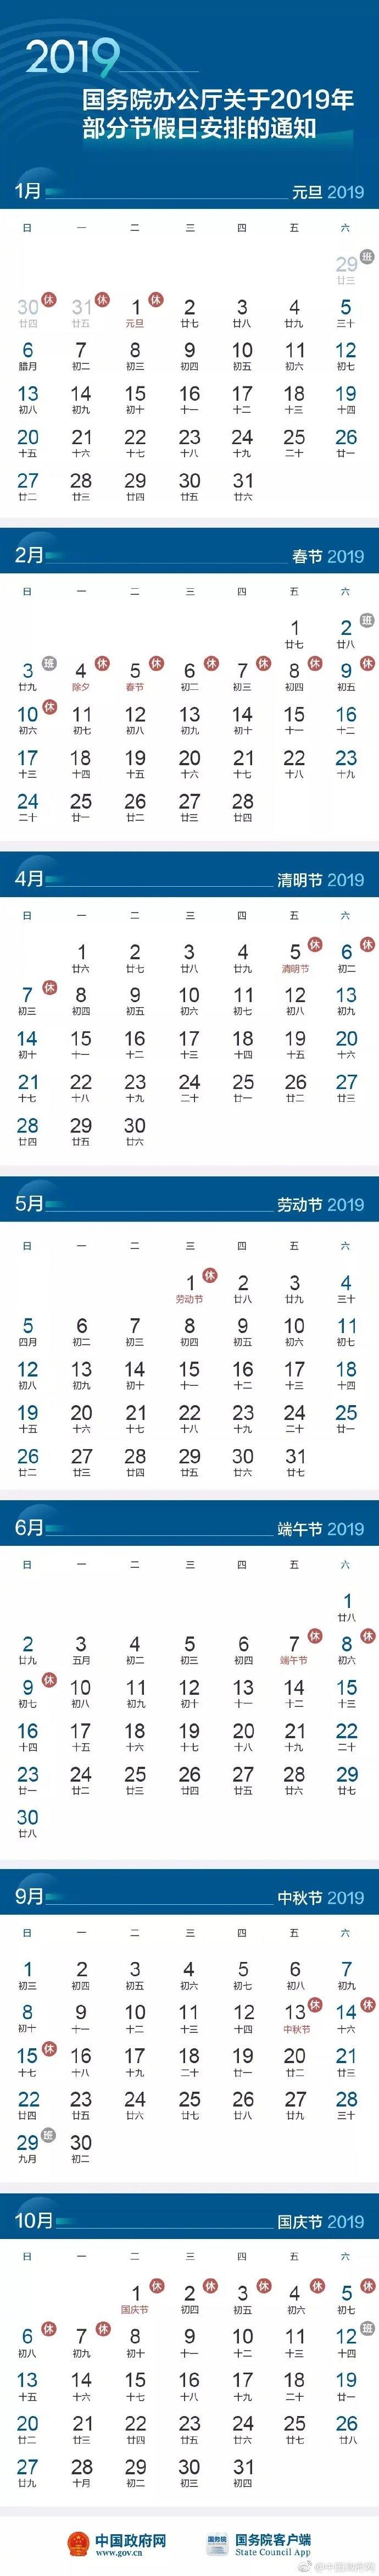 2019年节假日安排来了!春节假期为年三十至年初六